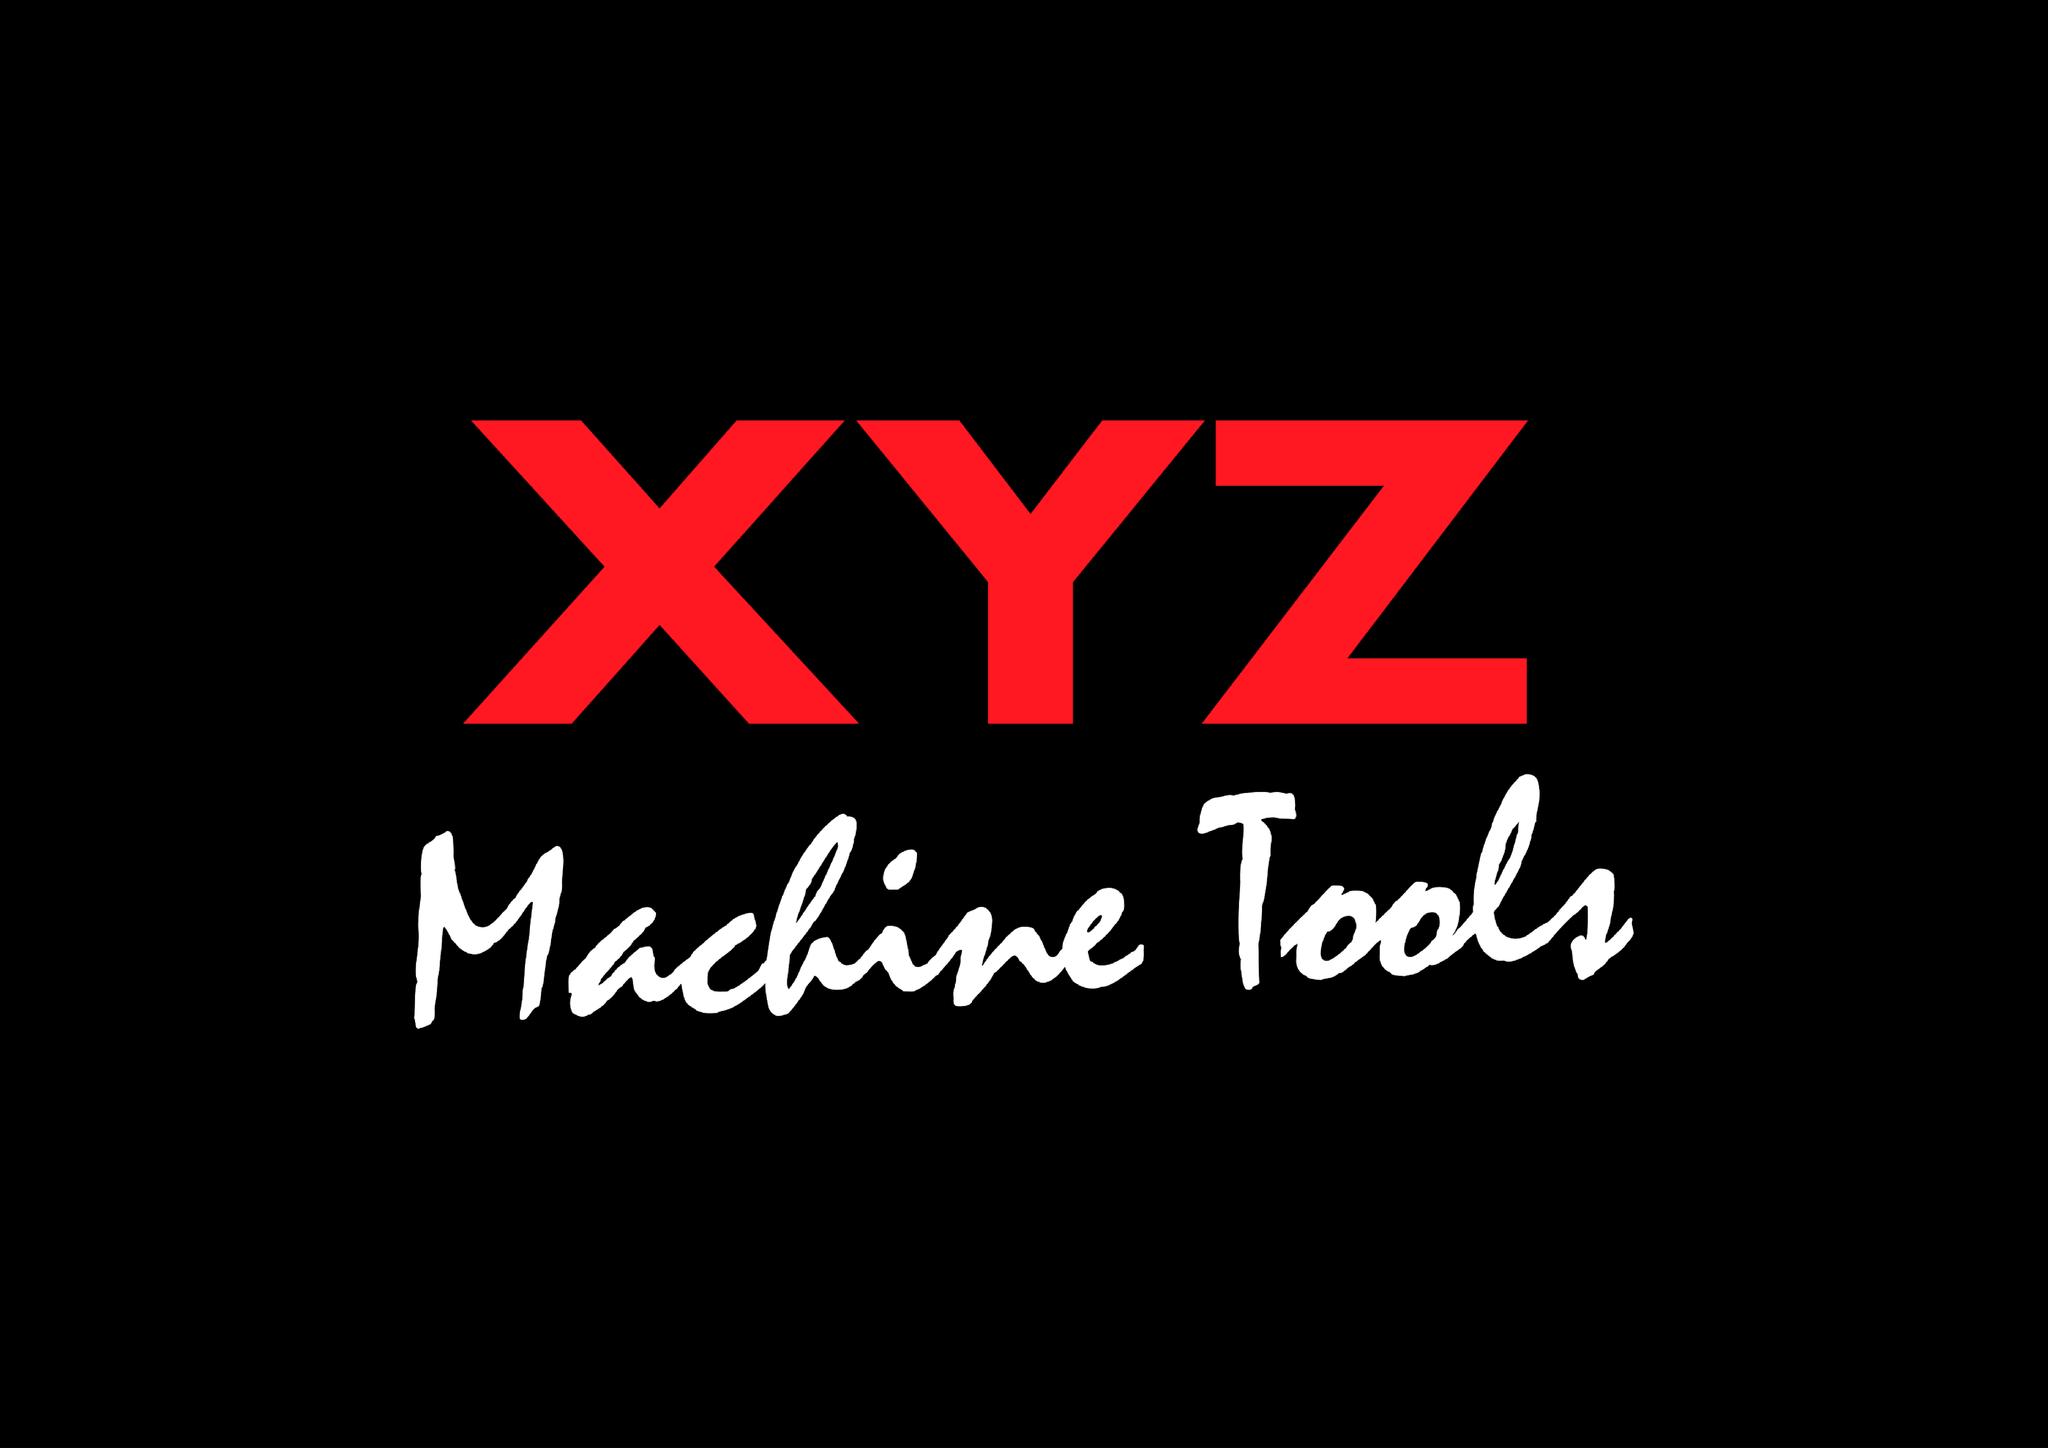 XYZ MACHINE TOOLS LIMITED